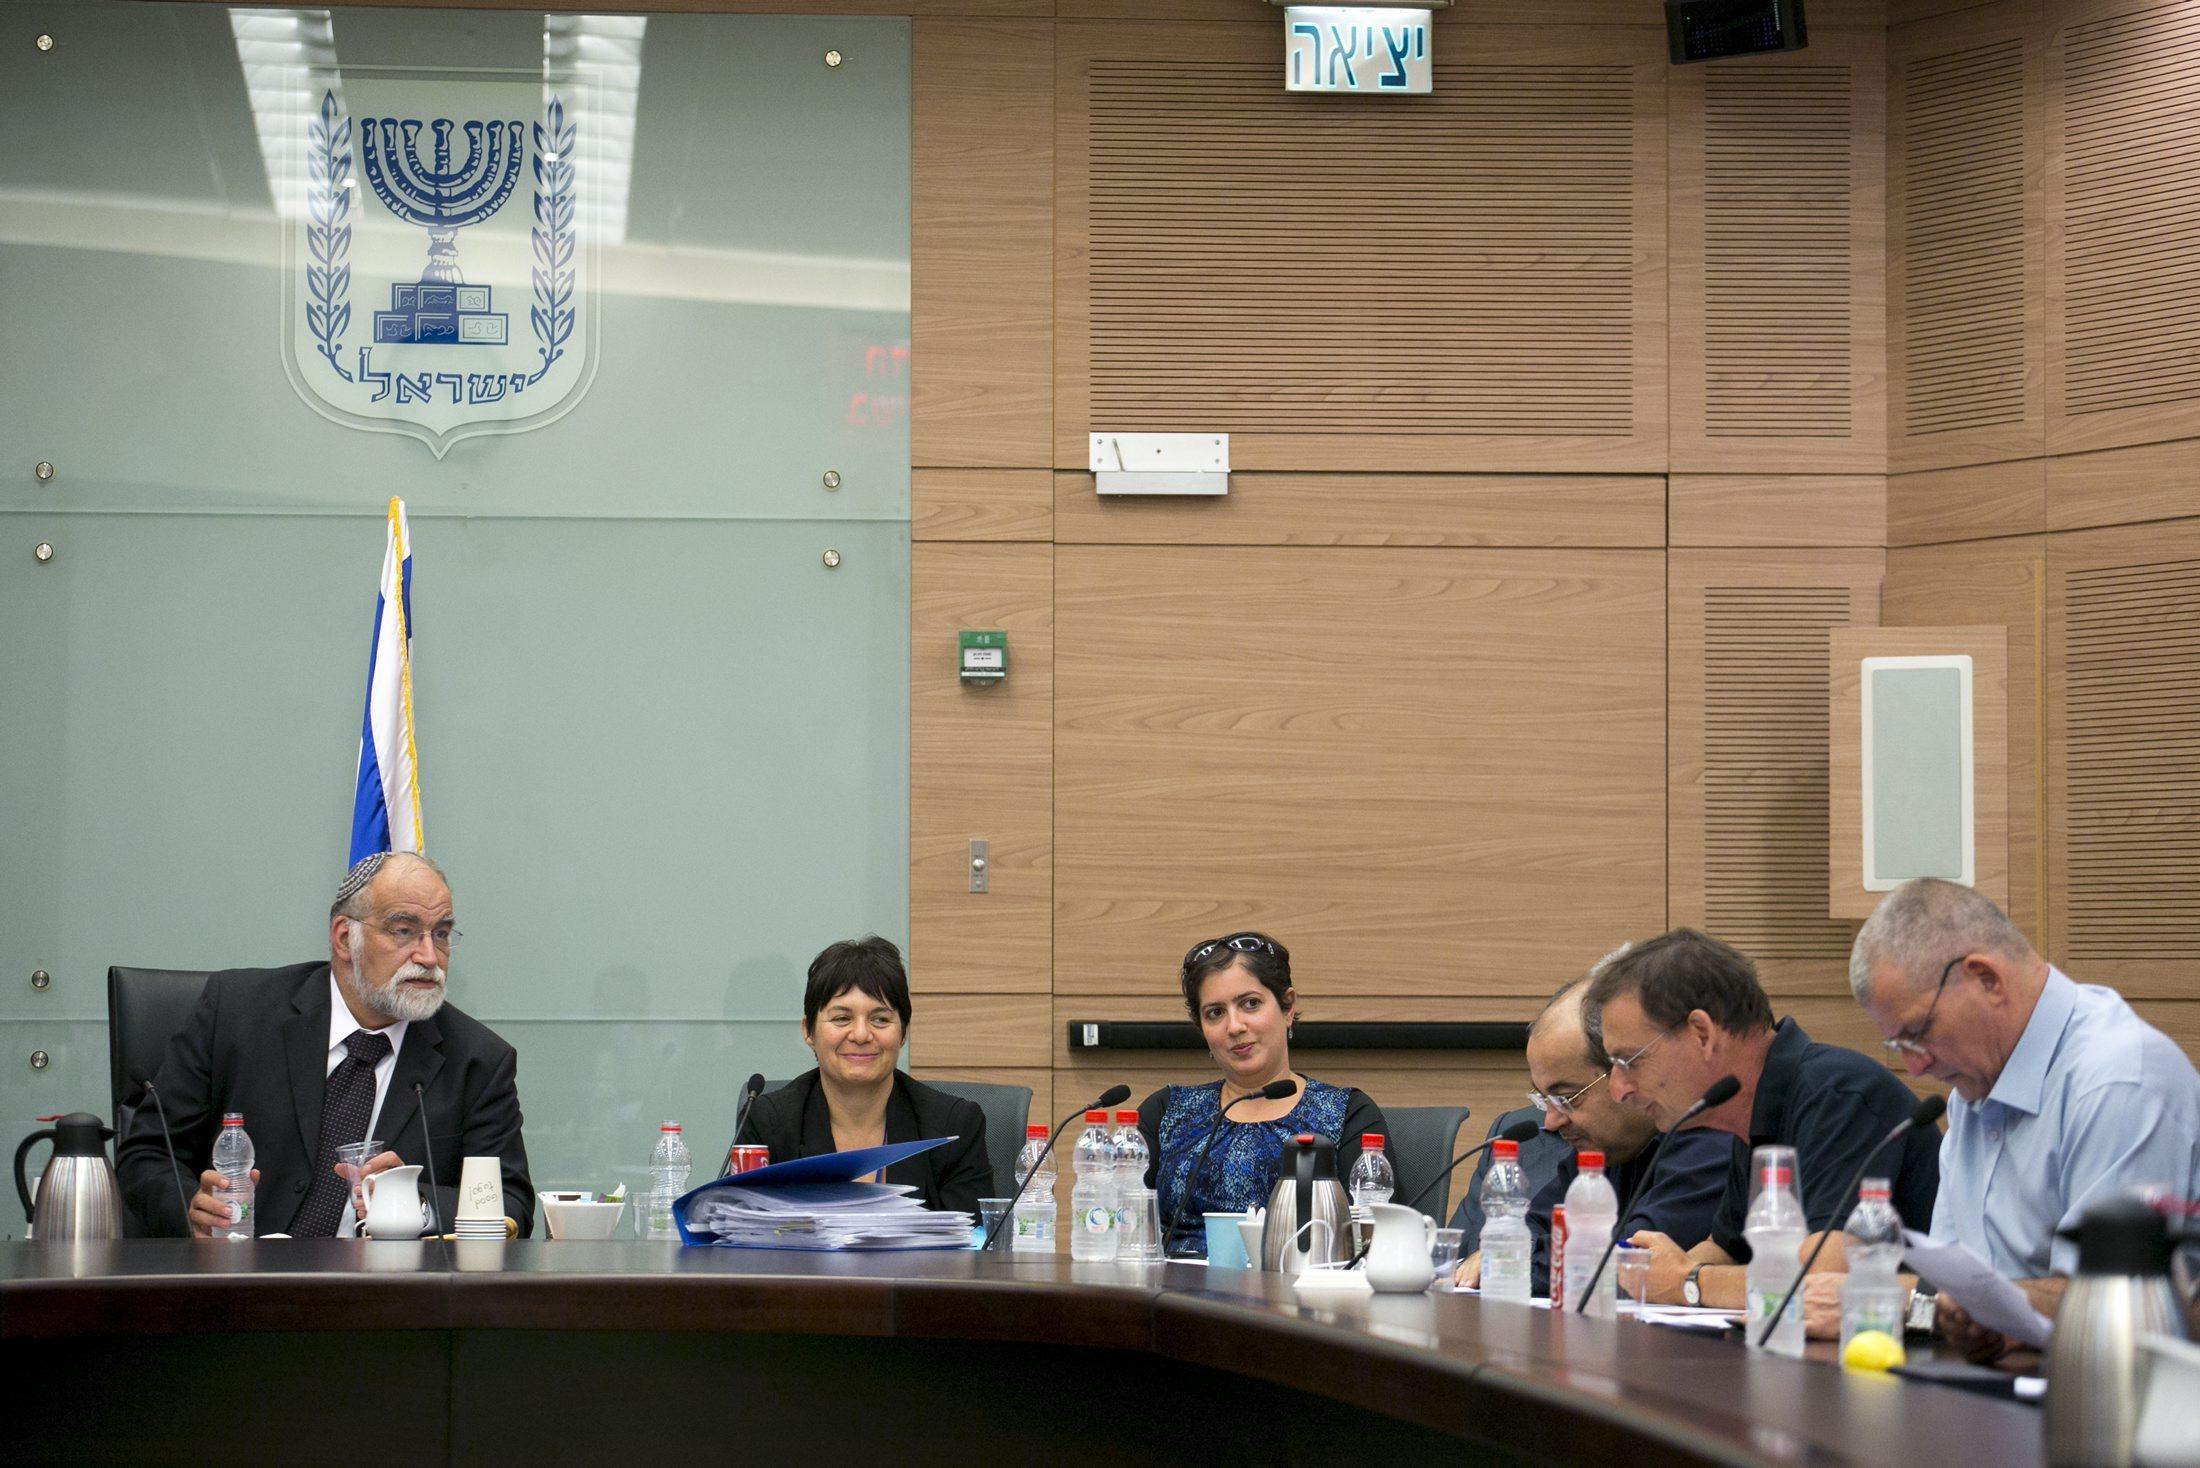 اللجنة الوزارية لشؤون التشريع تقر رفع نسبة الحسم لـ 3.25%